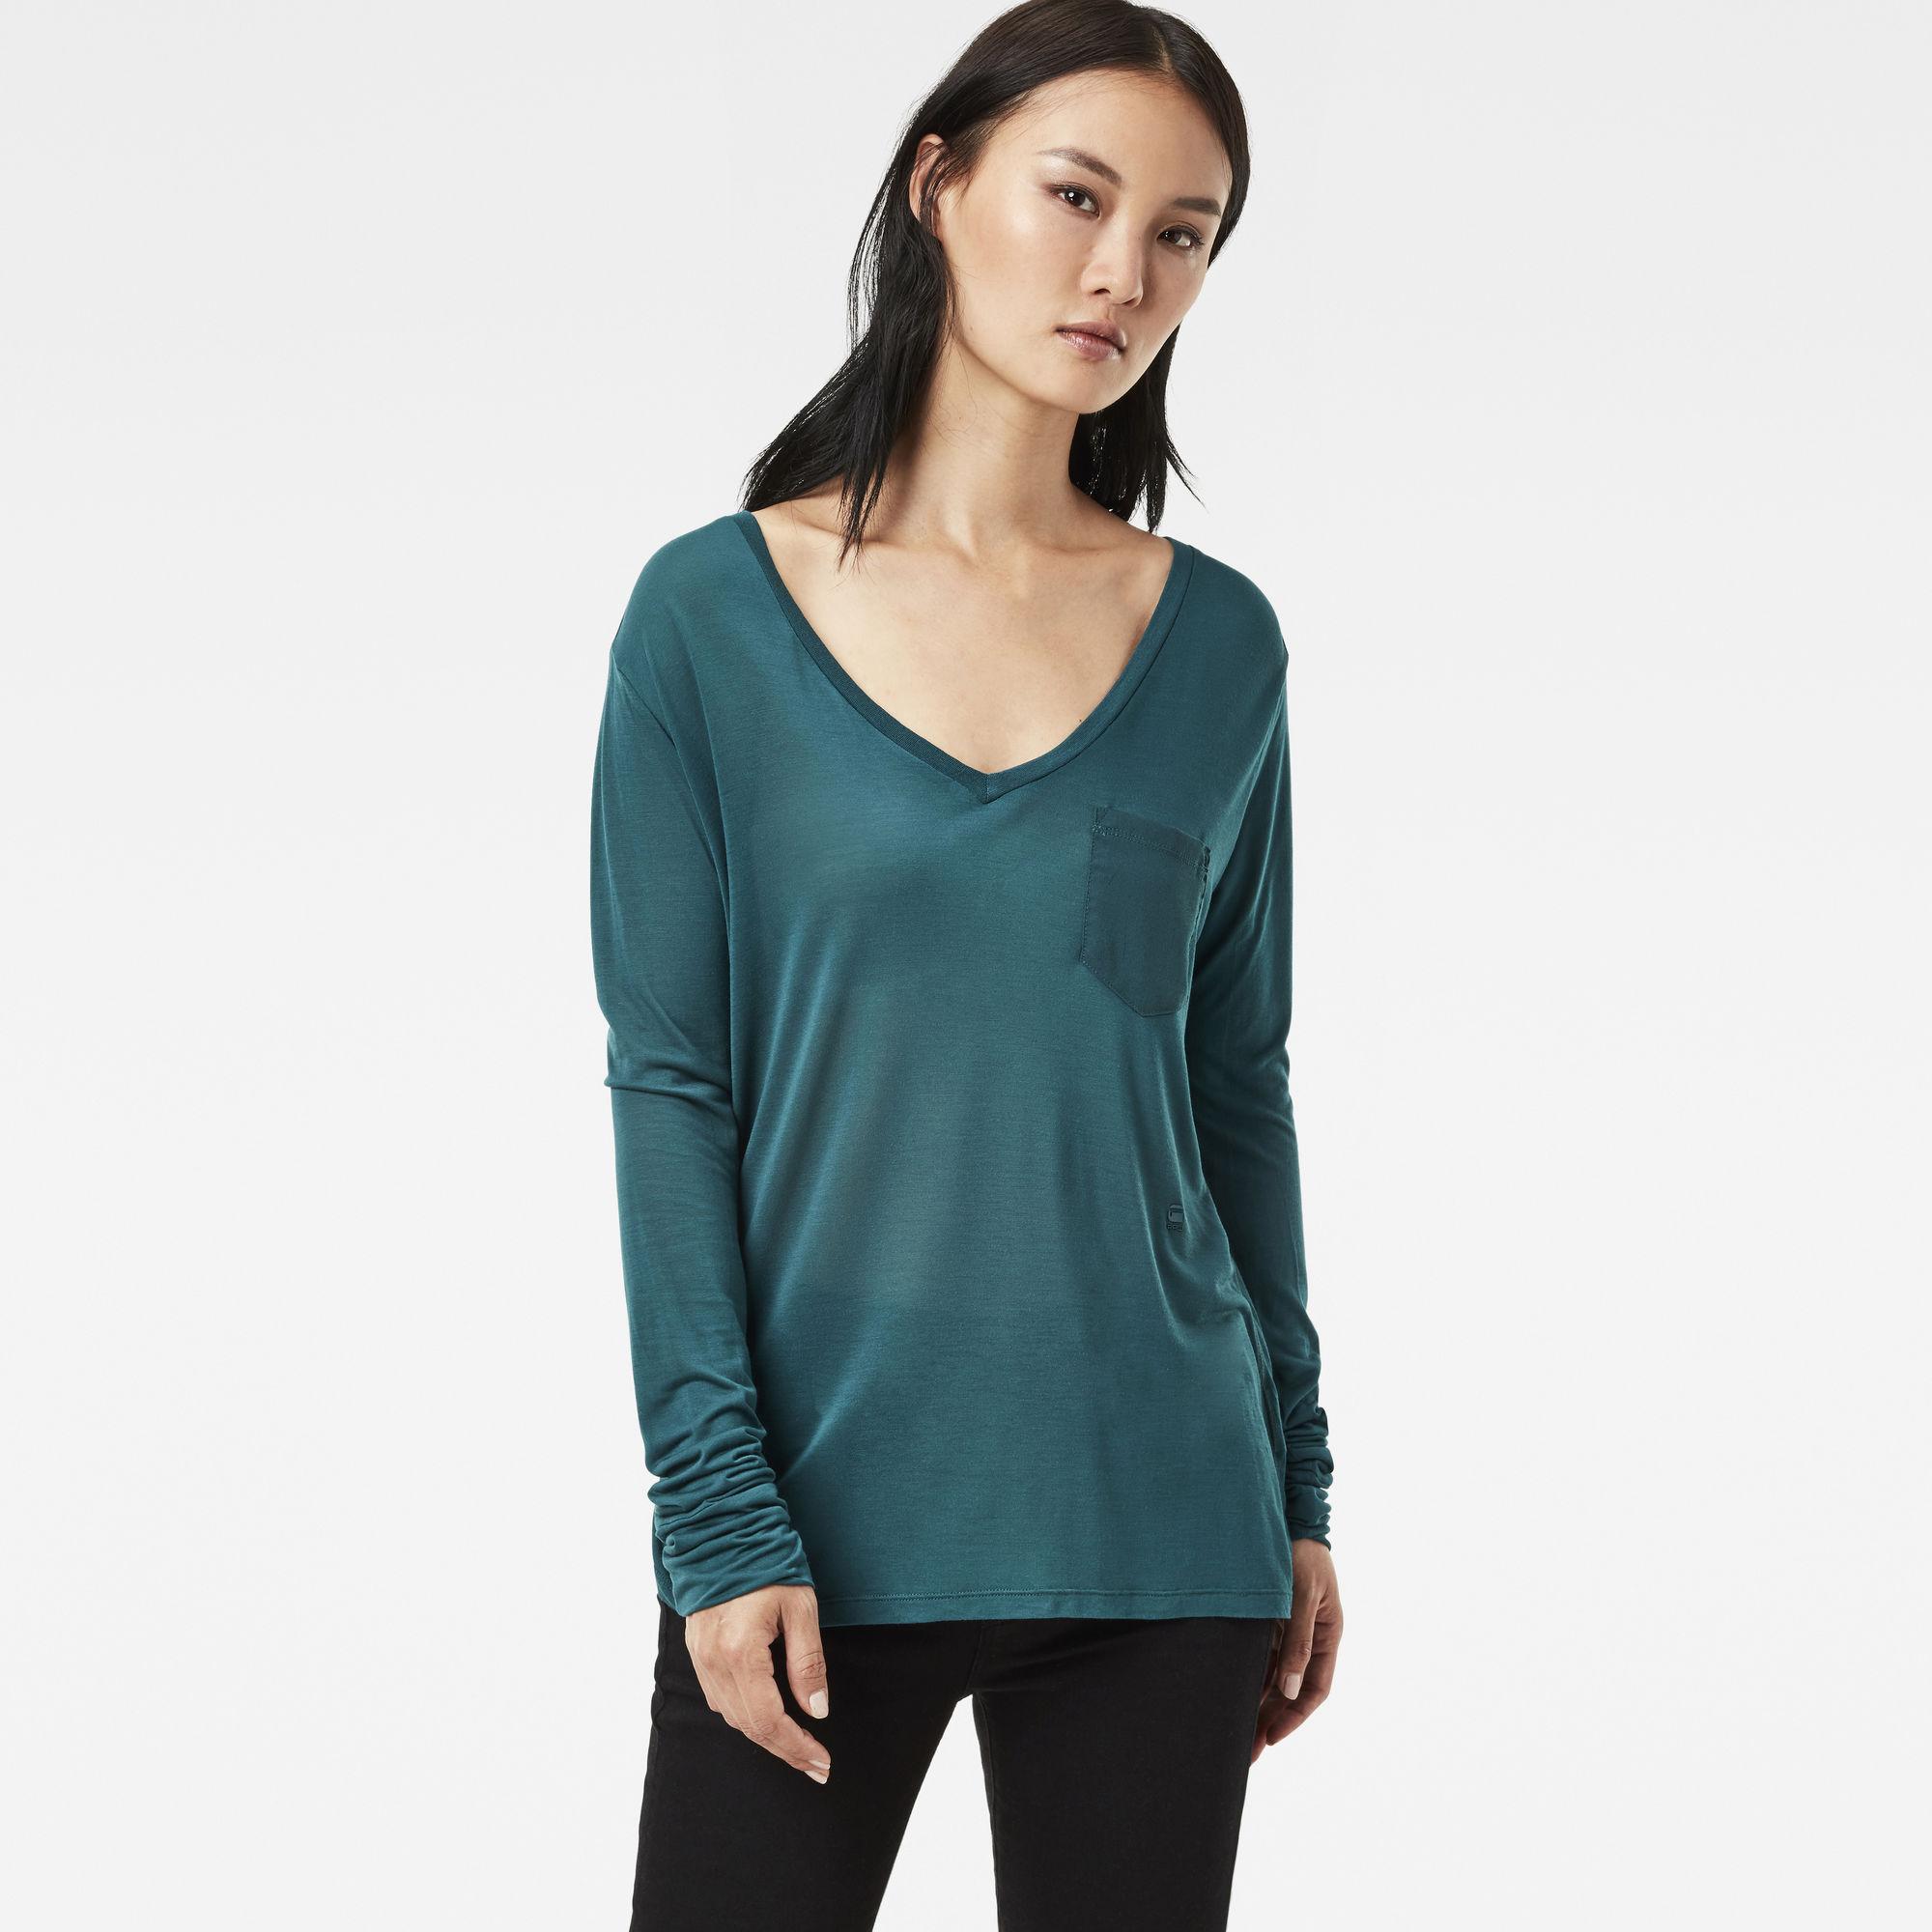 Audnya Straight V-Neck T-Shirt